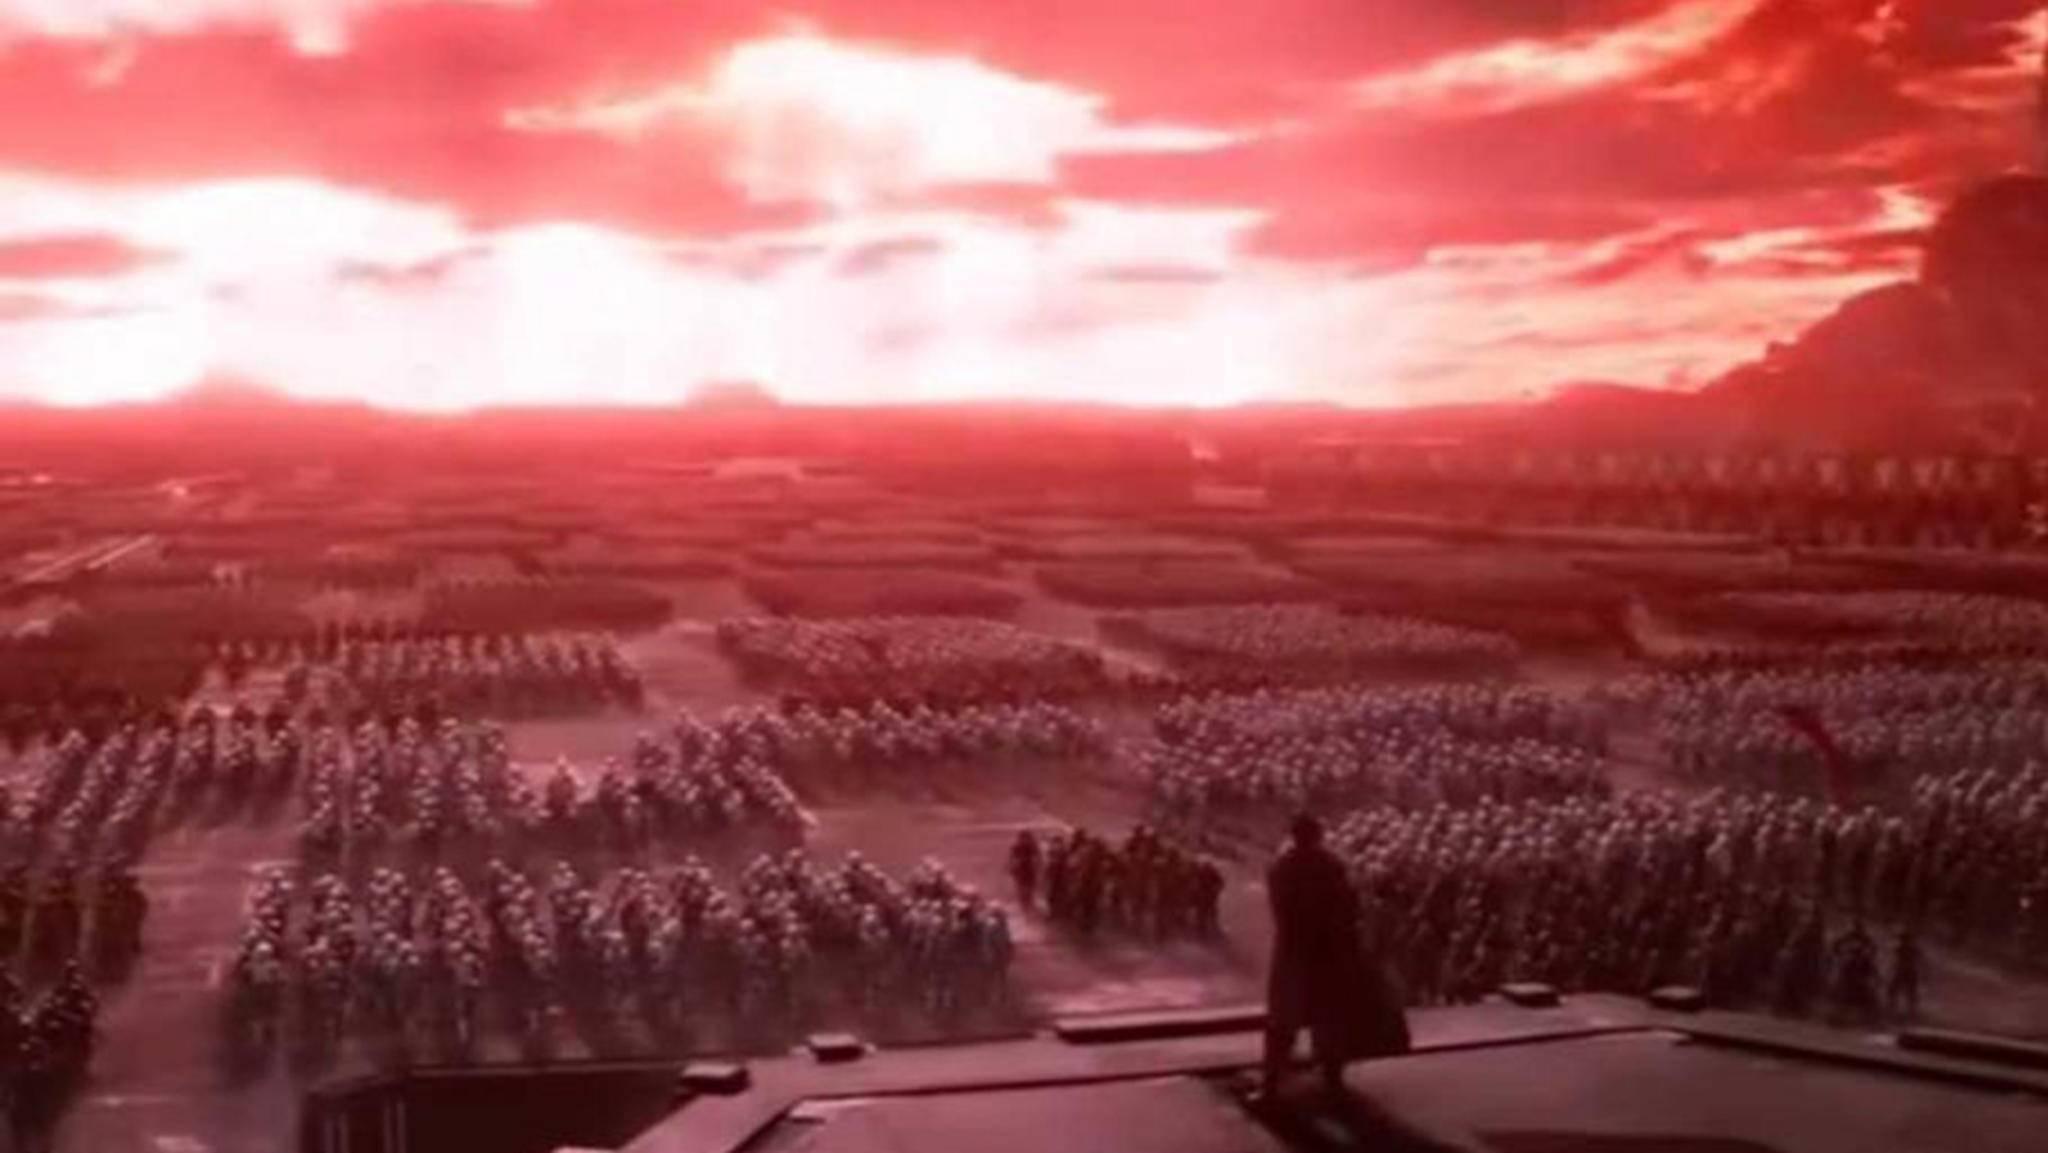 """Die weltweite Popularität von """"Star Wars"""" wirkt auf manche Schauspieler abschreckend."""